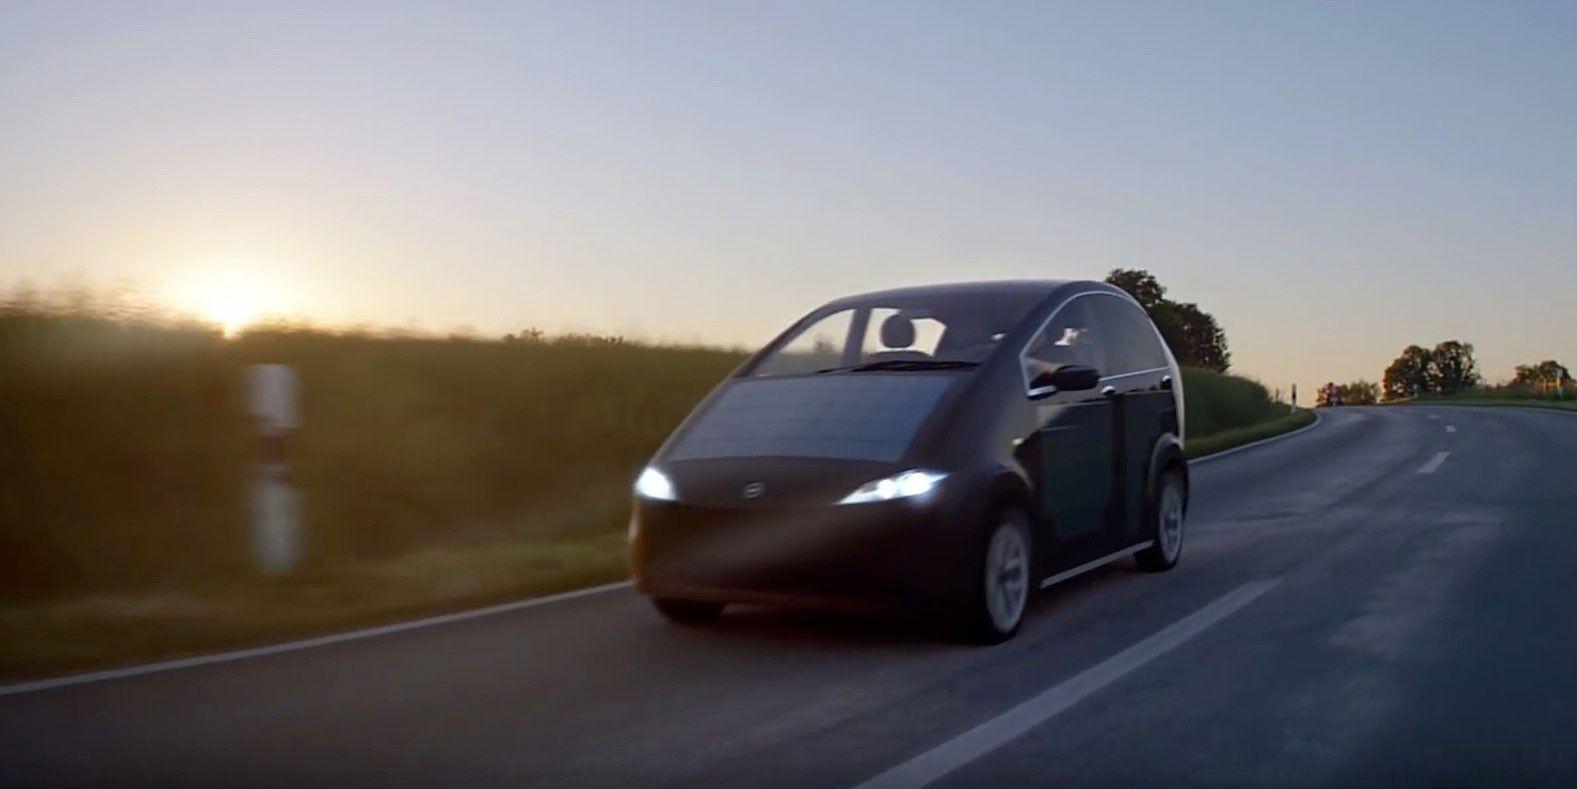 Indiegogo-Projekt: Tesla-Konkurrent aus München - Macwelt